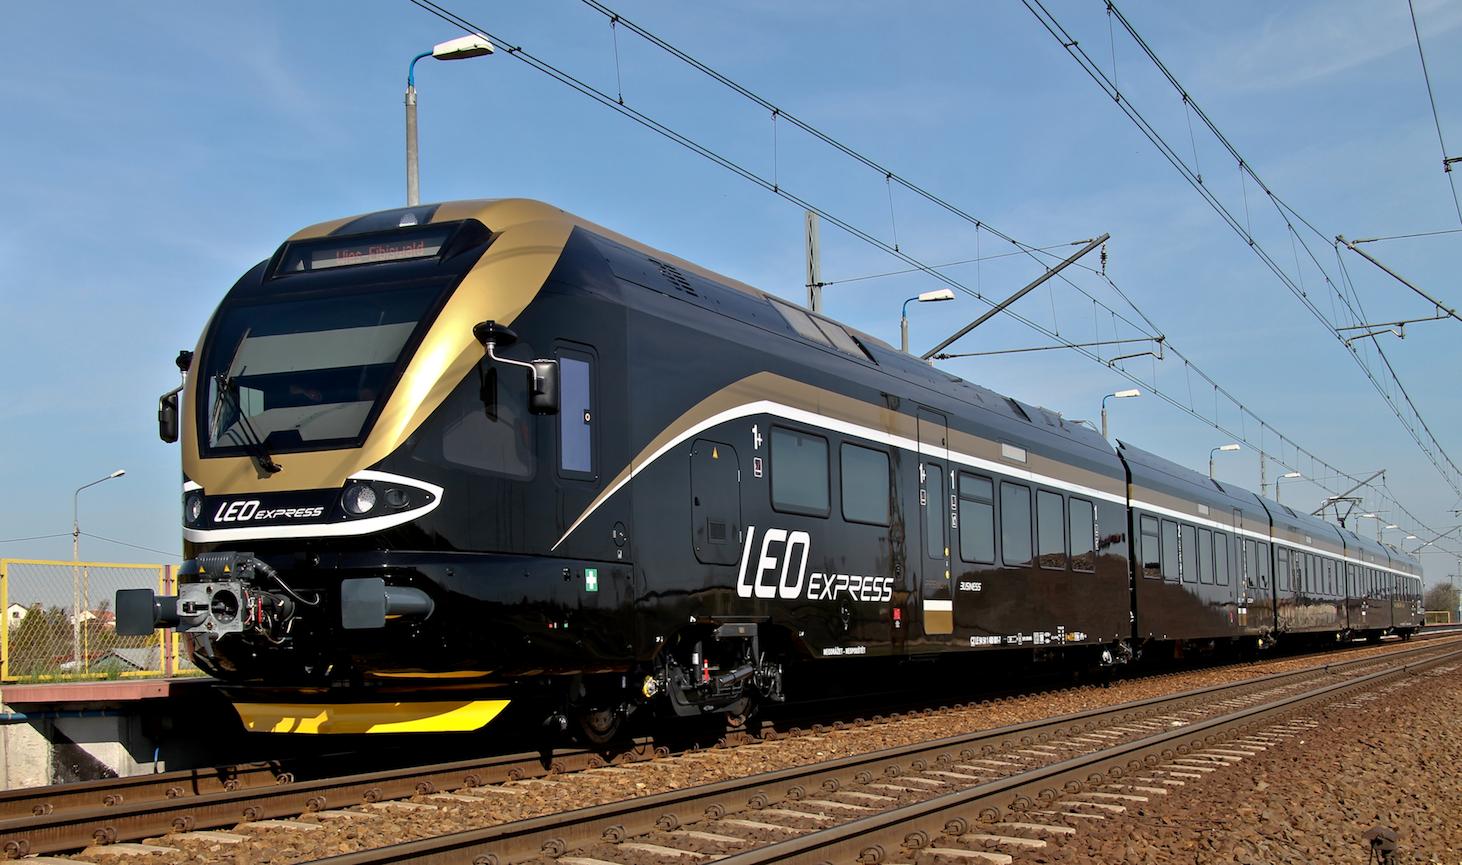 Leo Express z Krakowa do Pragi przez Zator i Oświęcim